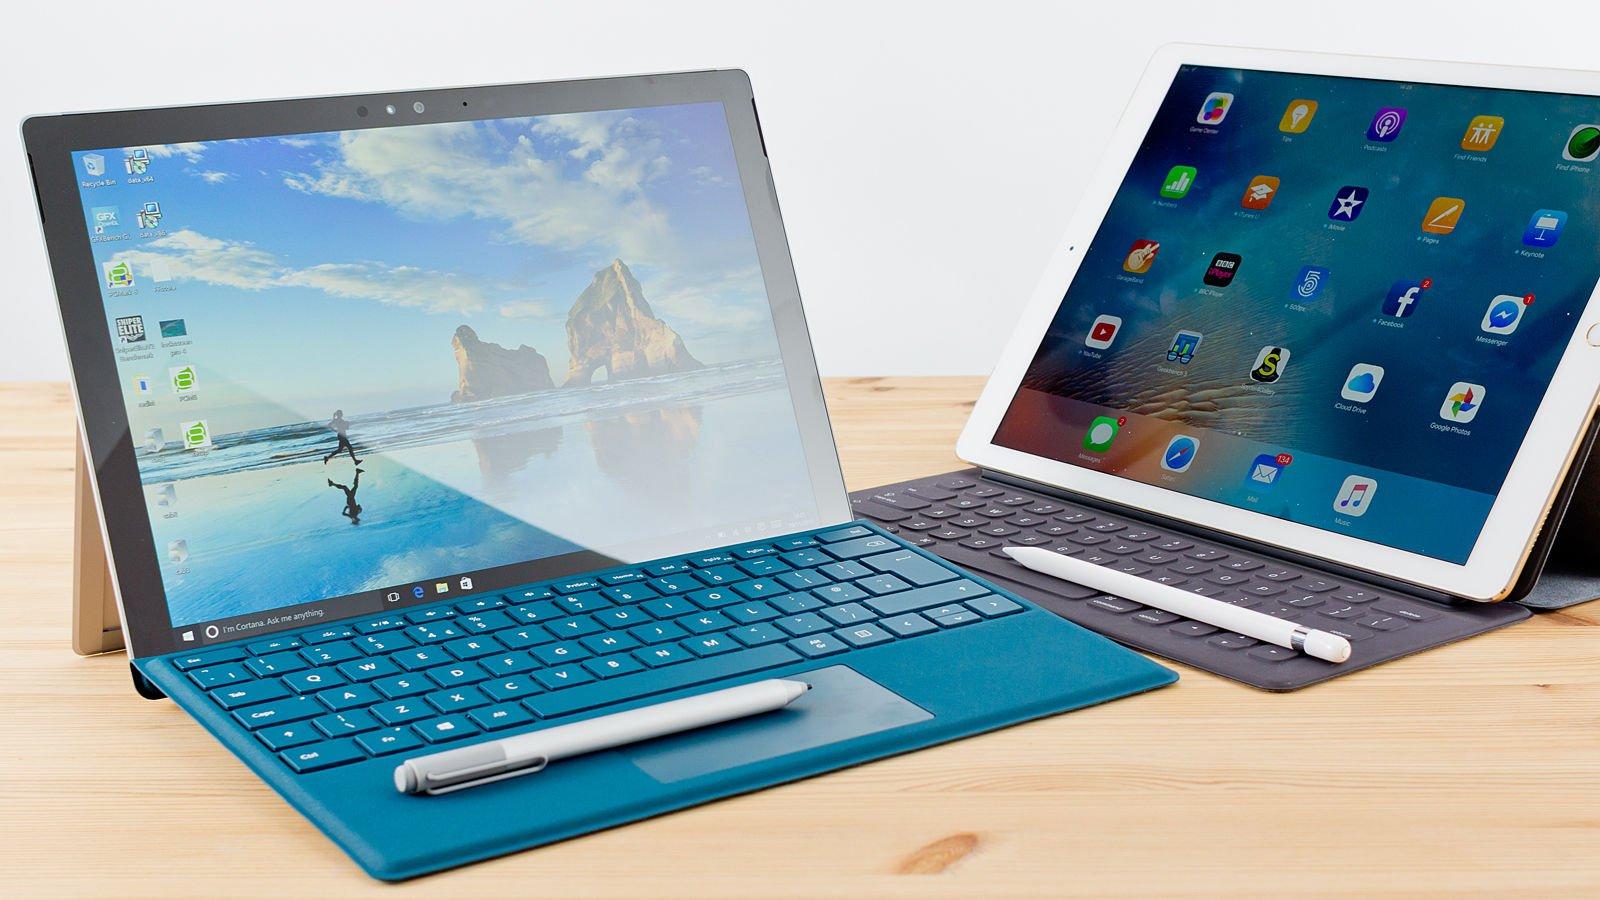 Doanh số dòng sản phẩm Surface của Microsoft vượt trội so với iPad Pro tại Tây Âu trong Quý 3/2018